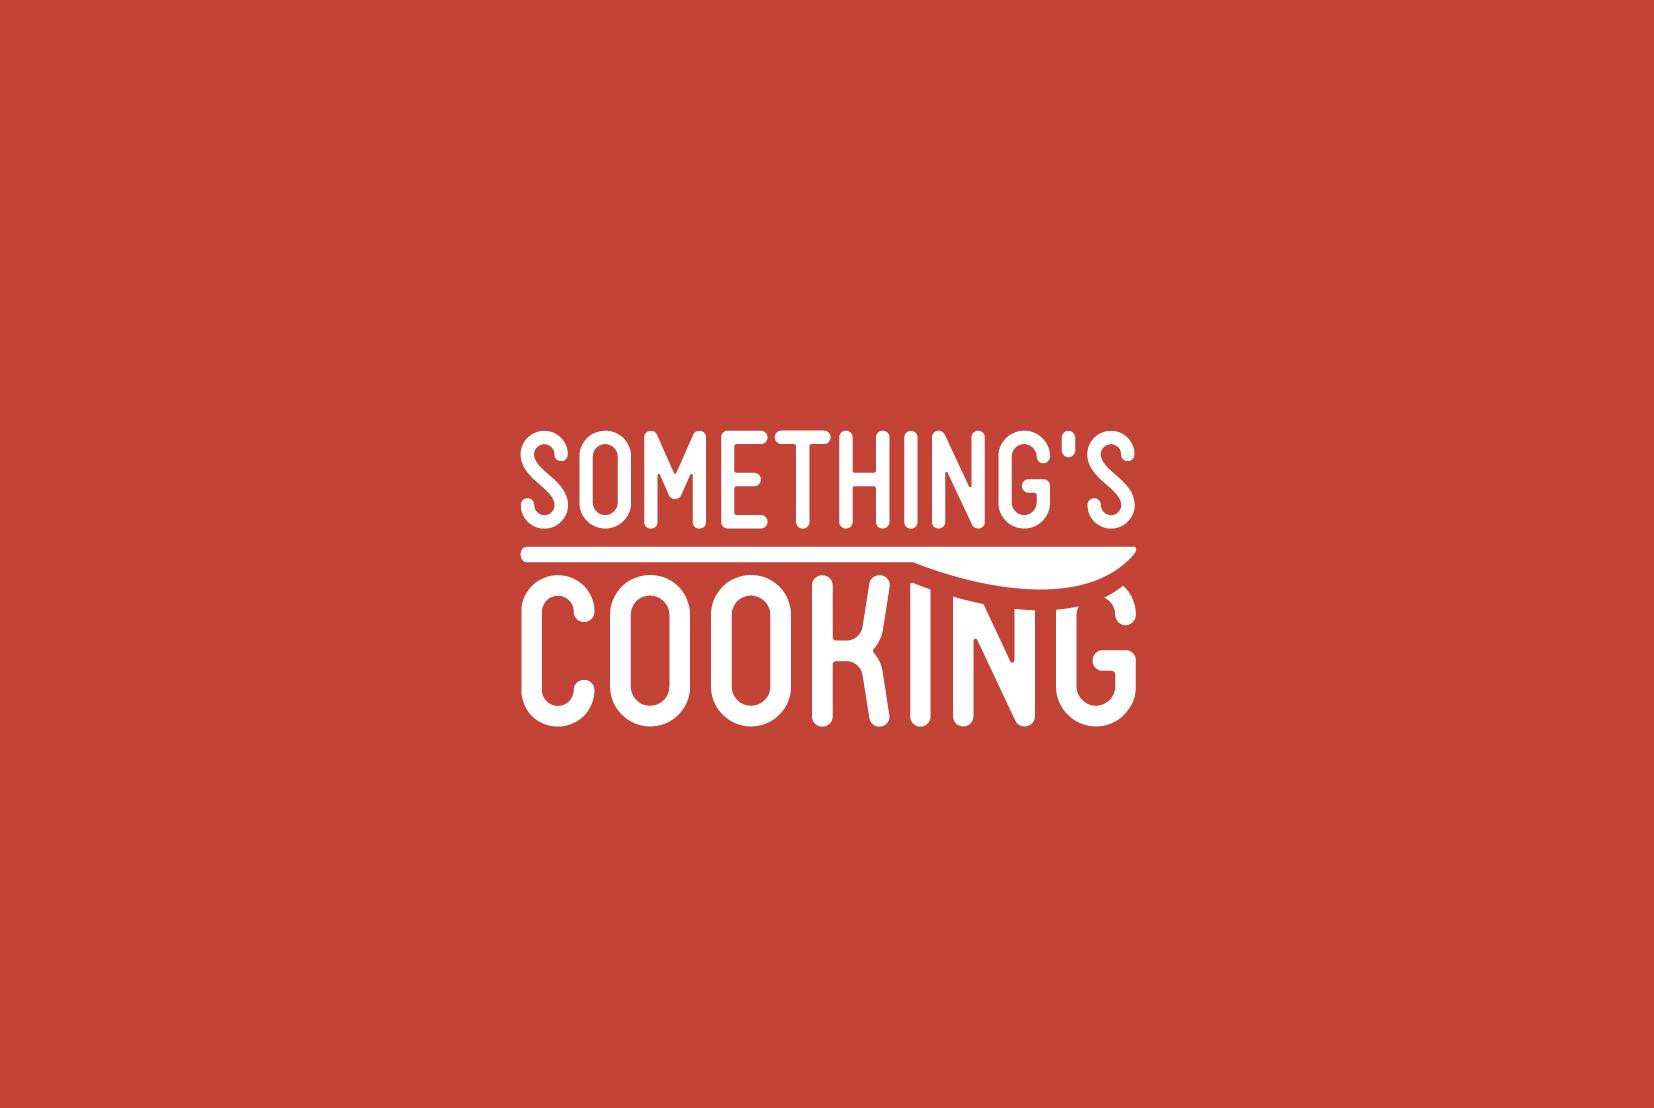 Something's Cooking logo